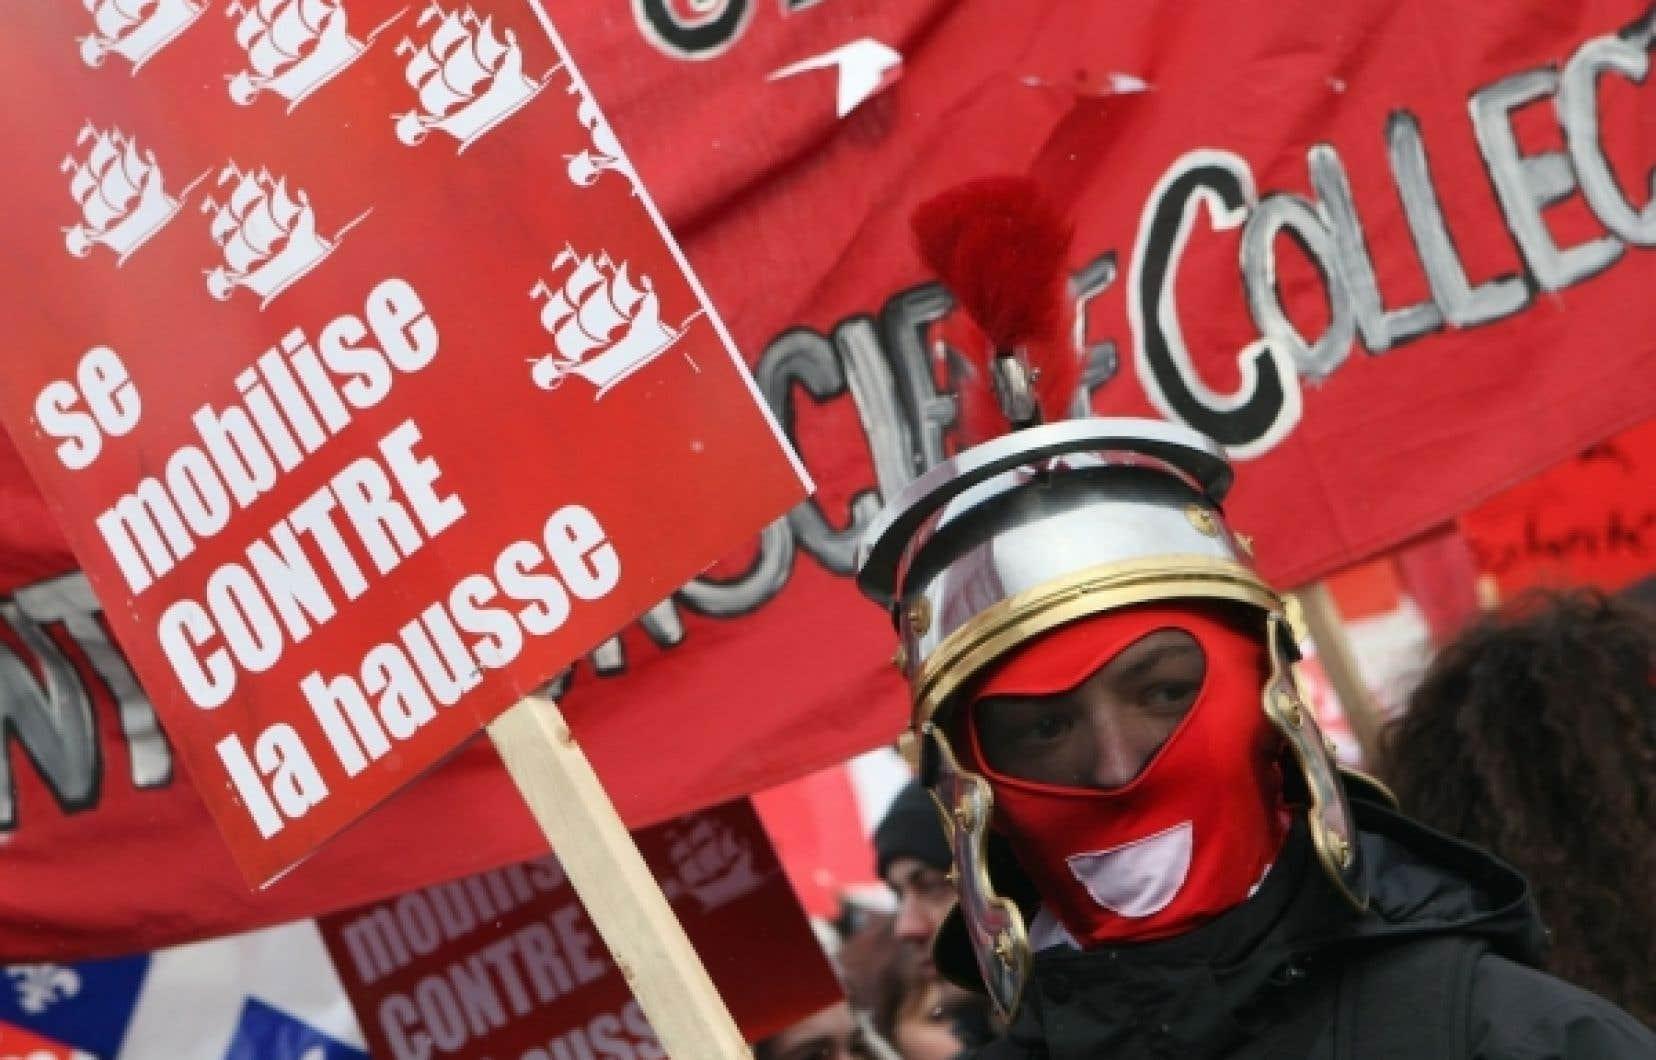 Des milliers de manifestants se sont réunis aujourd'hui à Québec pour protester contre la hausse prévue des droits de scolarité.<br />